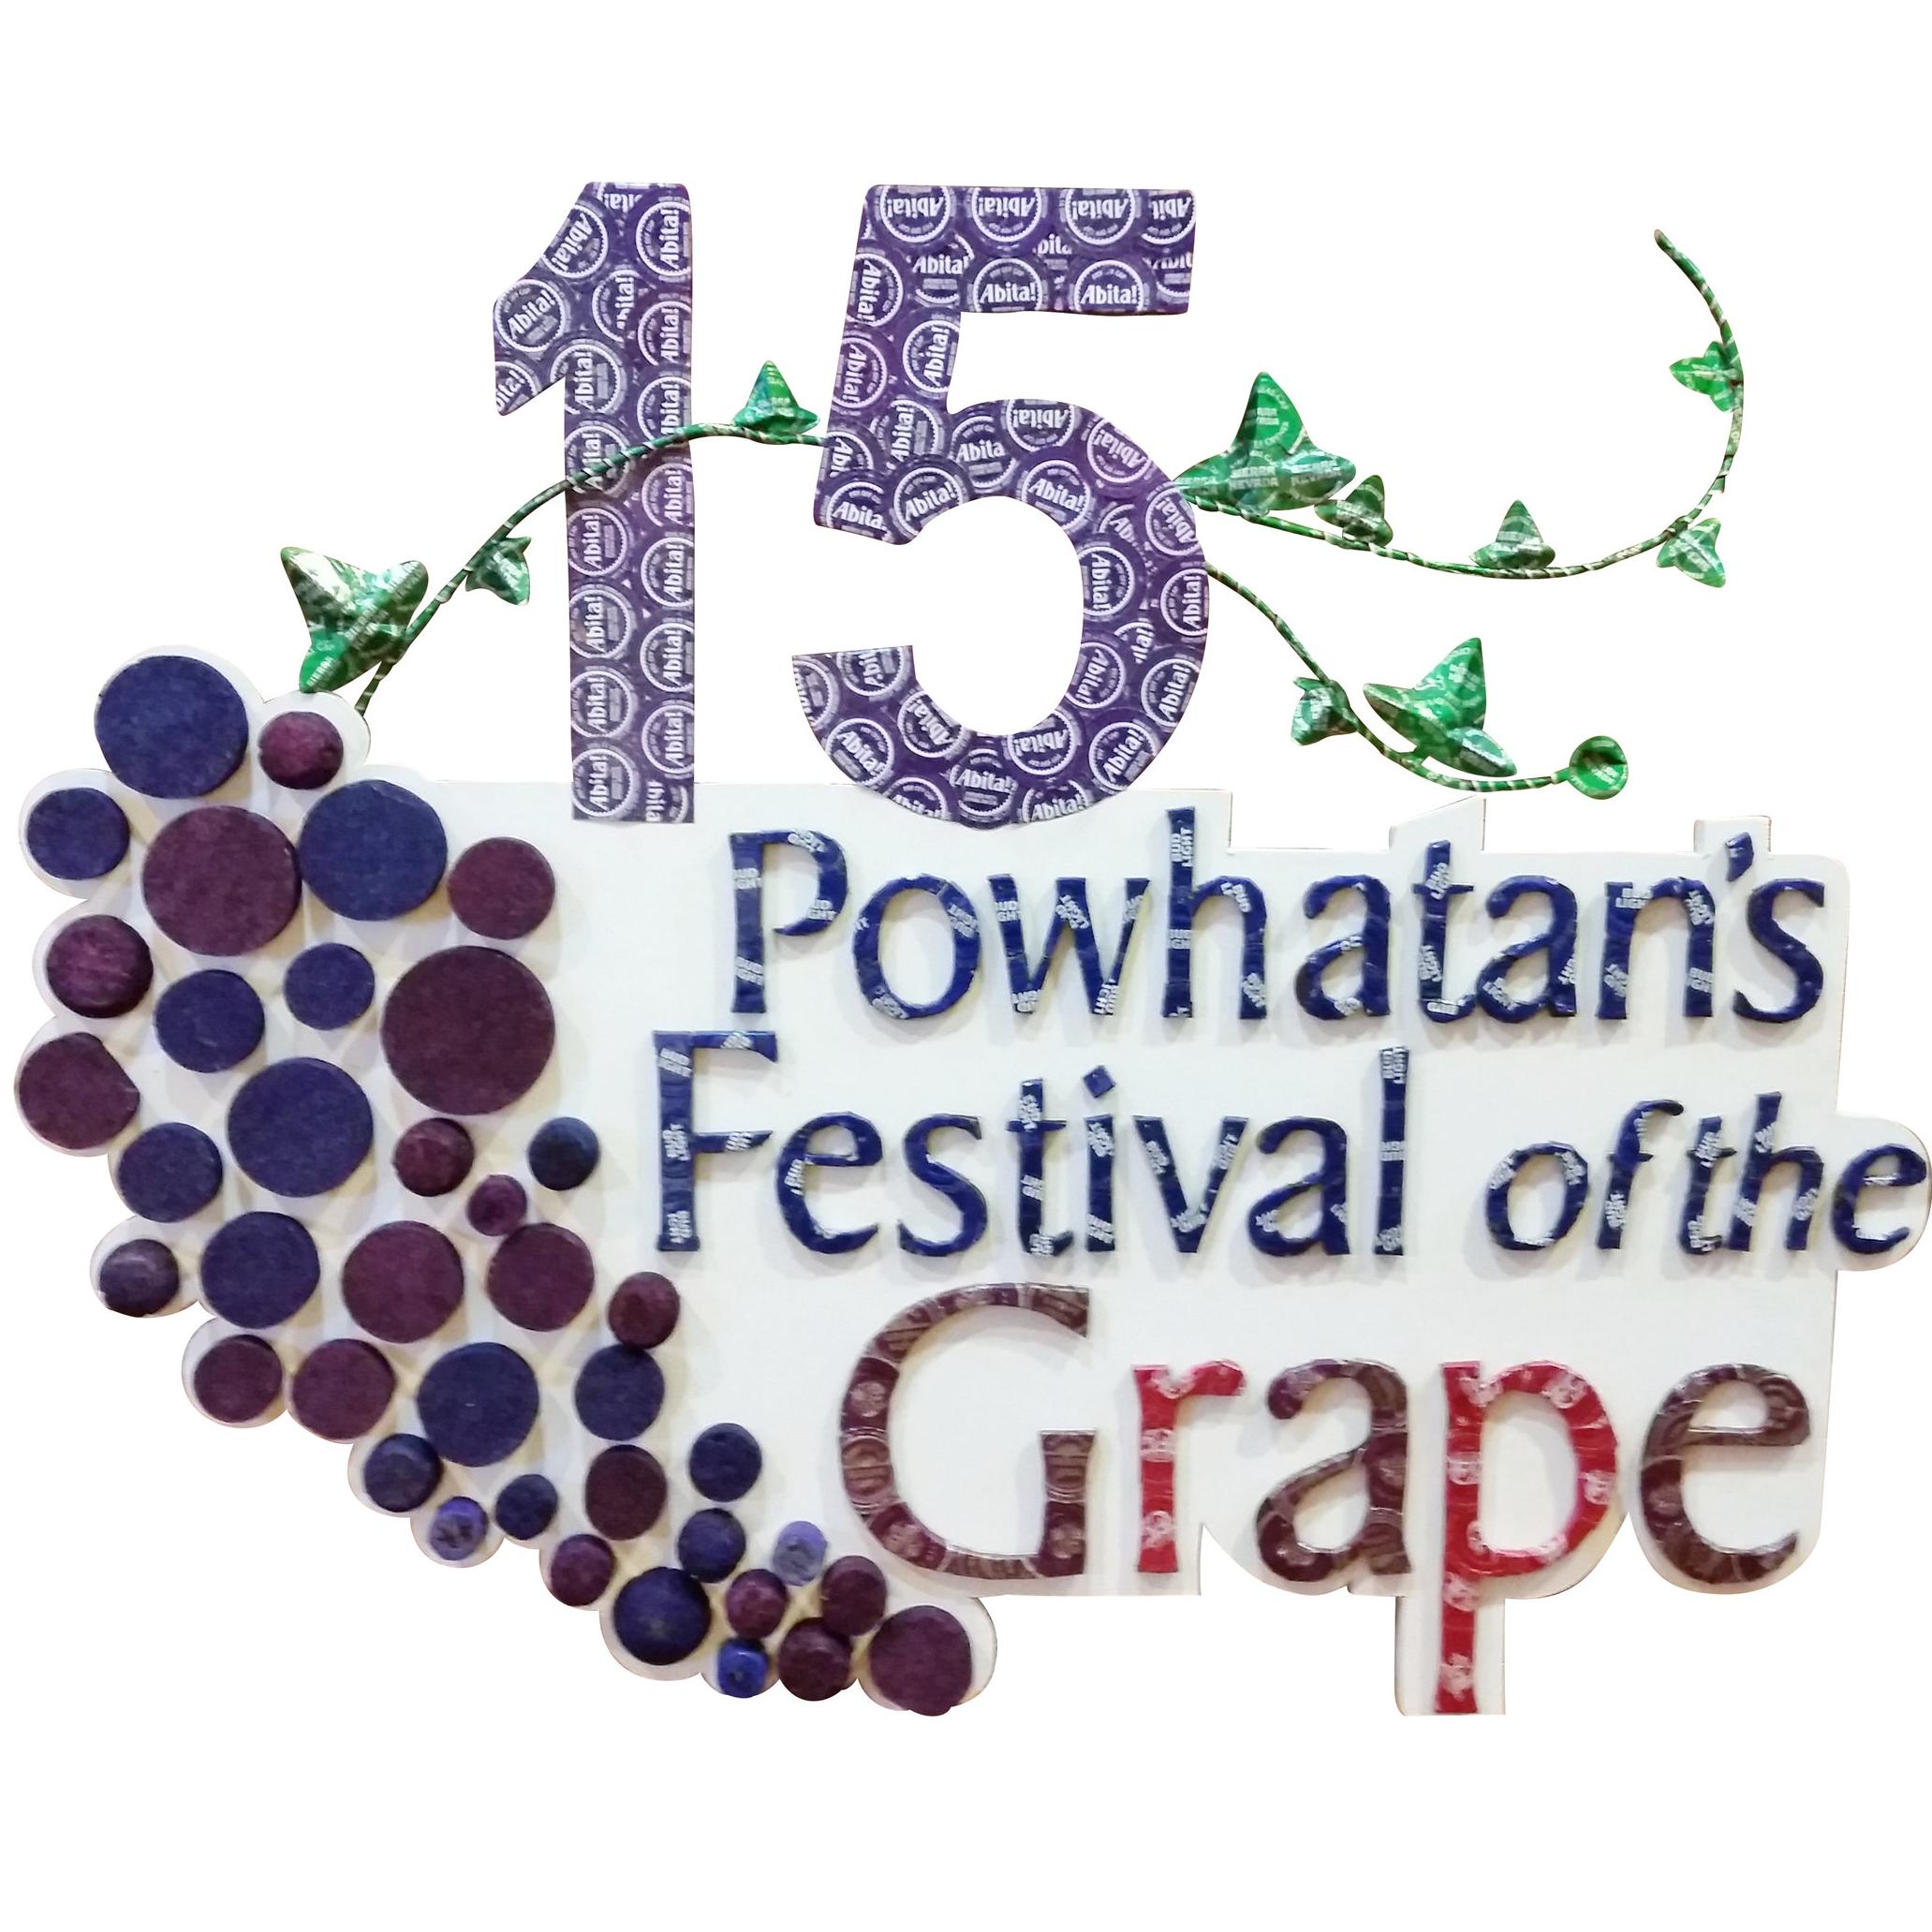 Festival of the Grape.jpg